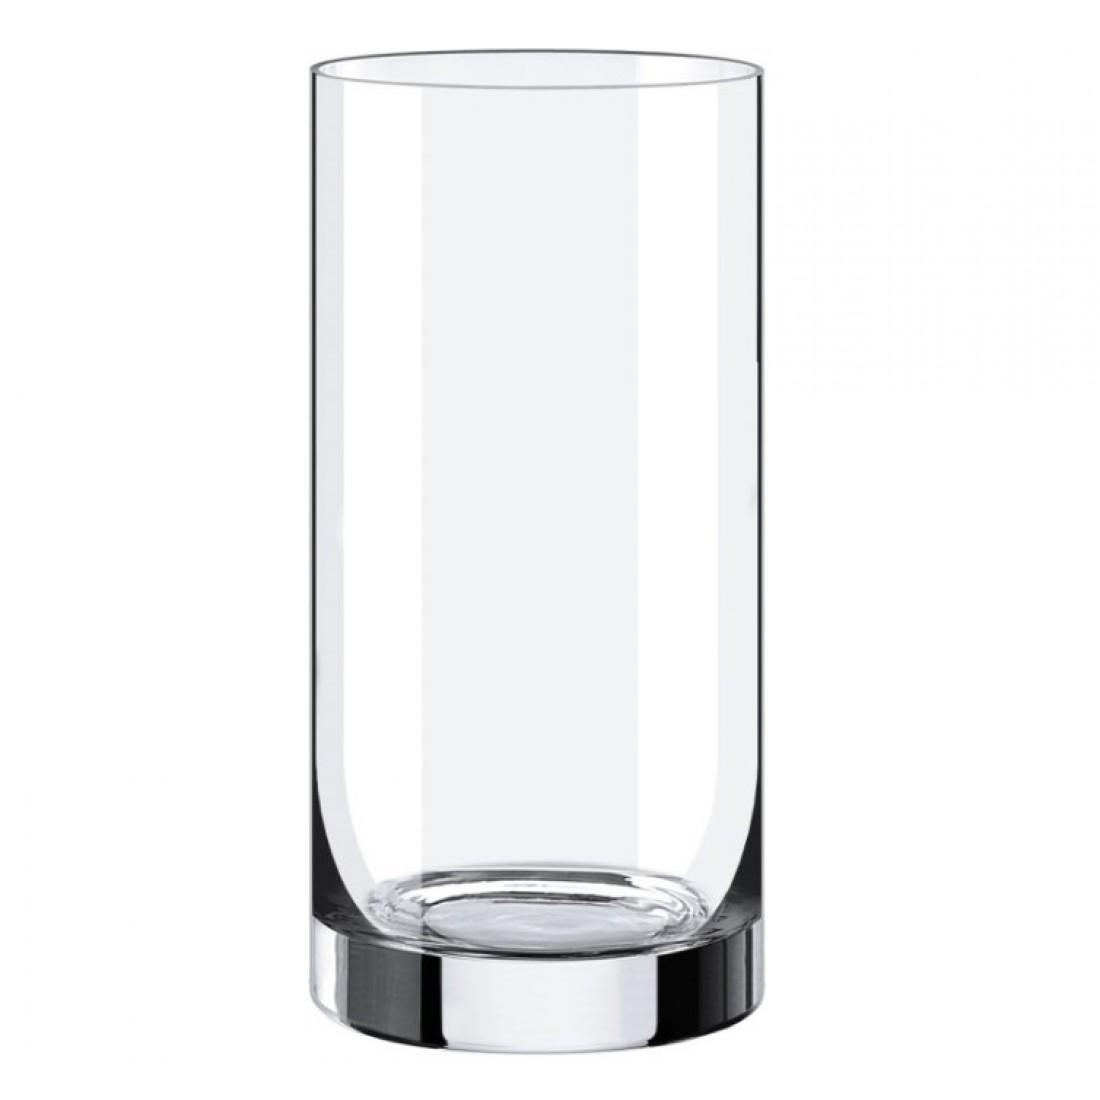 Фото Высокий цилиндрический стакан.